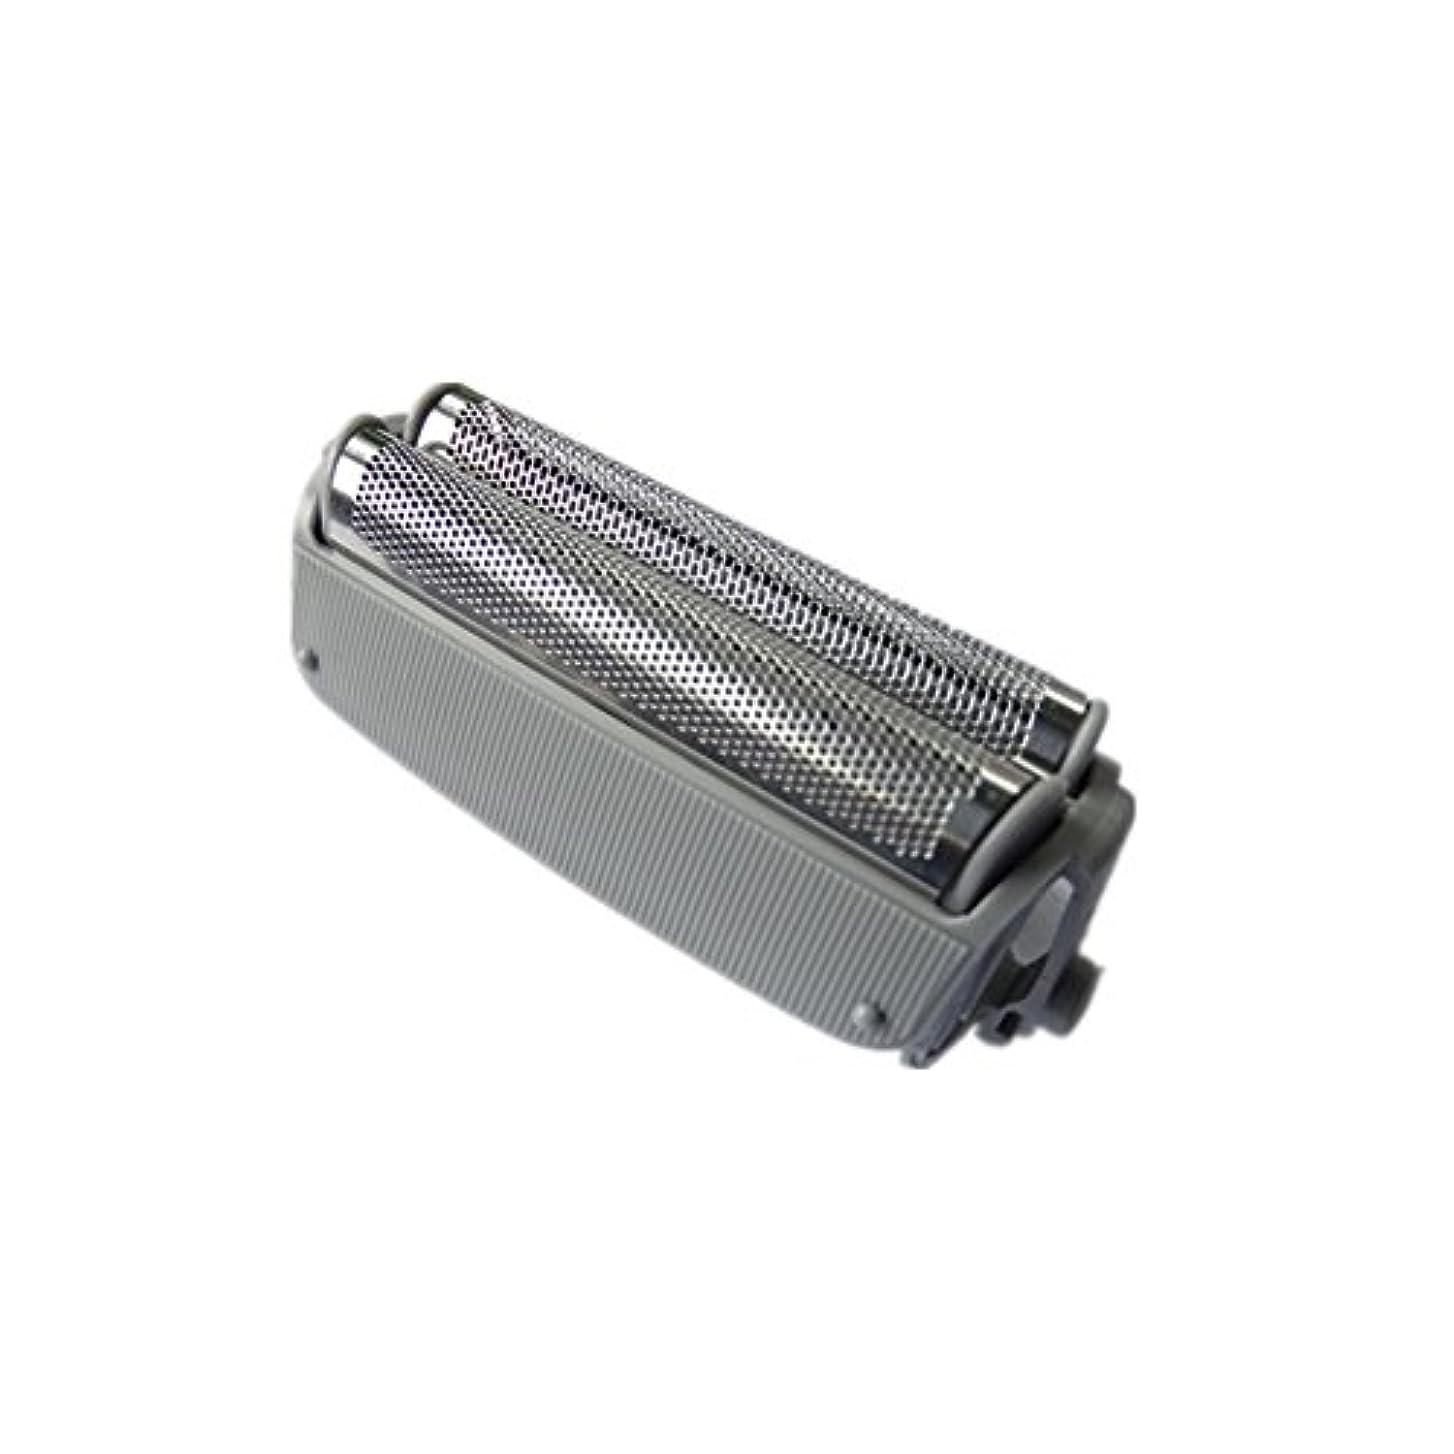 コンパス体系的にナースHZjundasi Replacement Shaver Outer ホイル for Panasonic?ES4033/4035/4036/4027/RW30